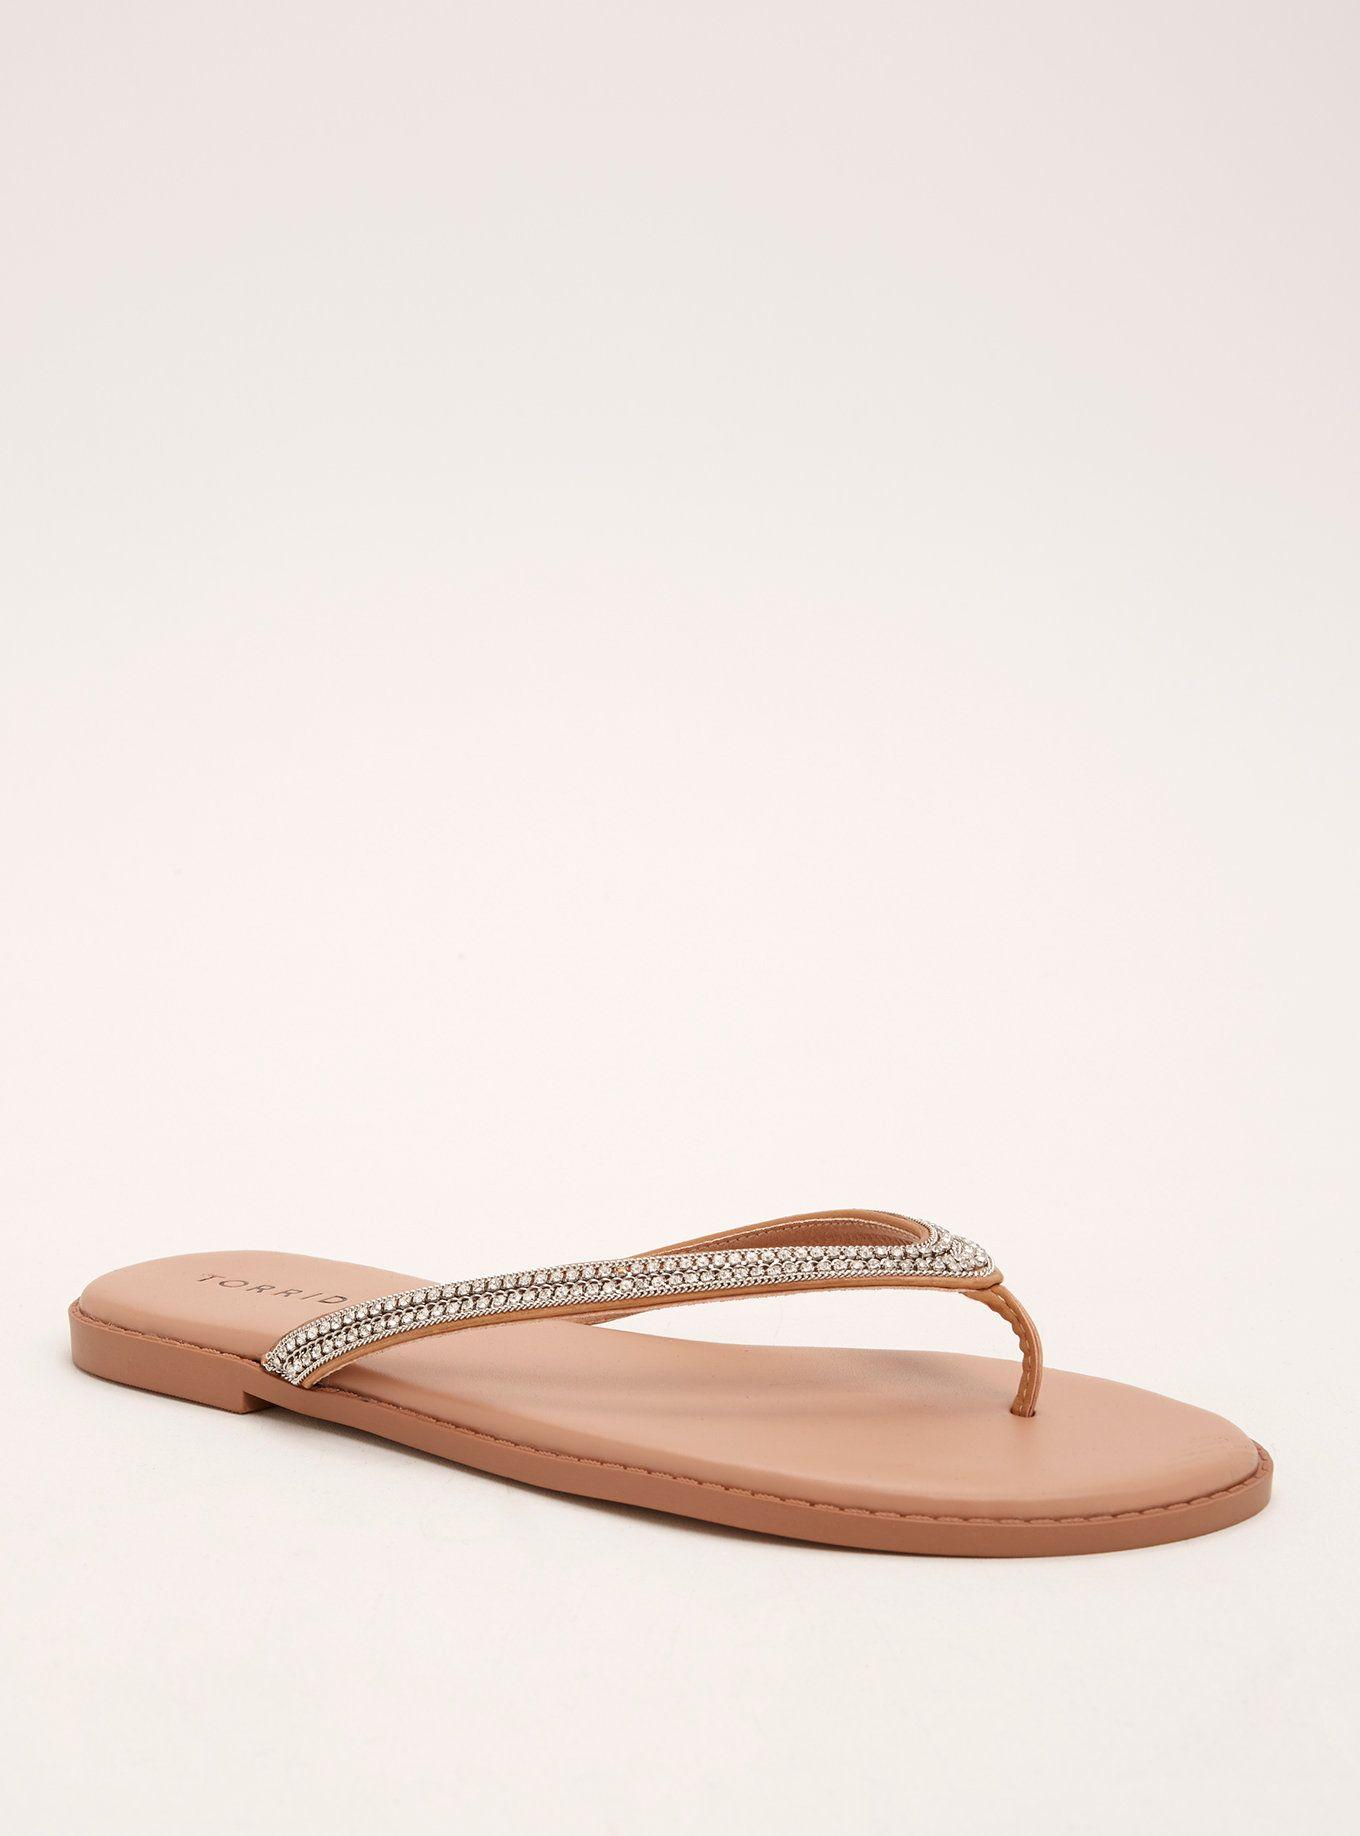 b75acdd8d Gemstone Embellished Flip Flops (Wide Width)